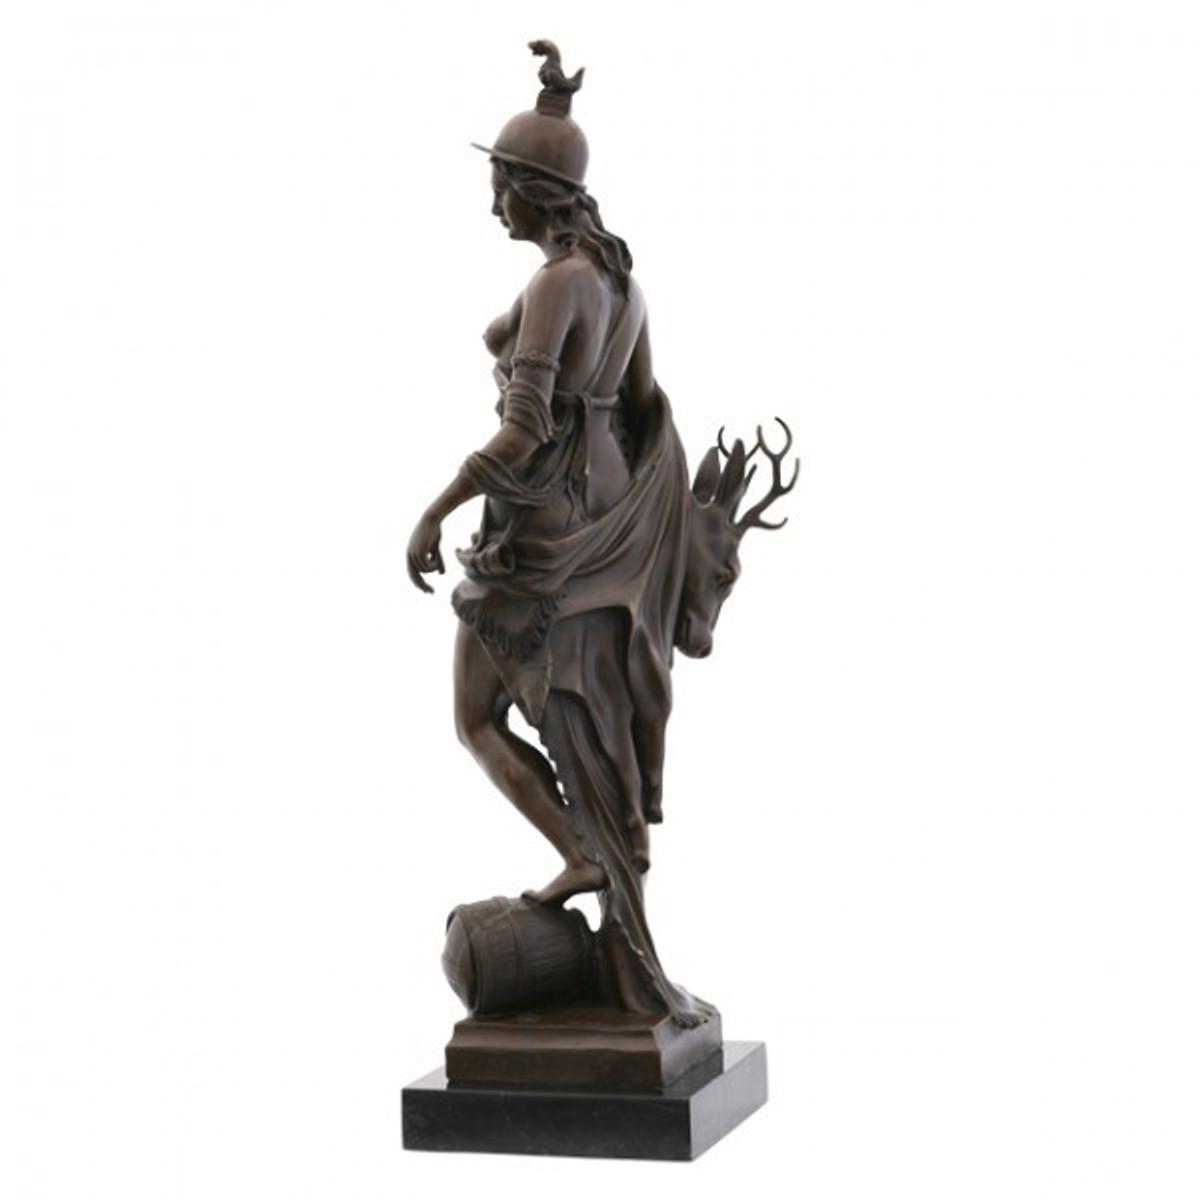 Antike Gartenskulpturen Bronze Frauen Akt Göttin Deko Figur für die Terrasse oder den Gartenteich online kaufen.